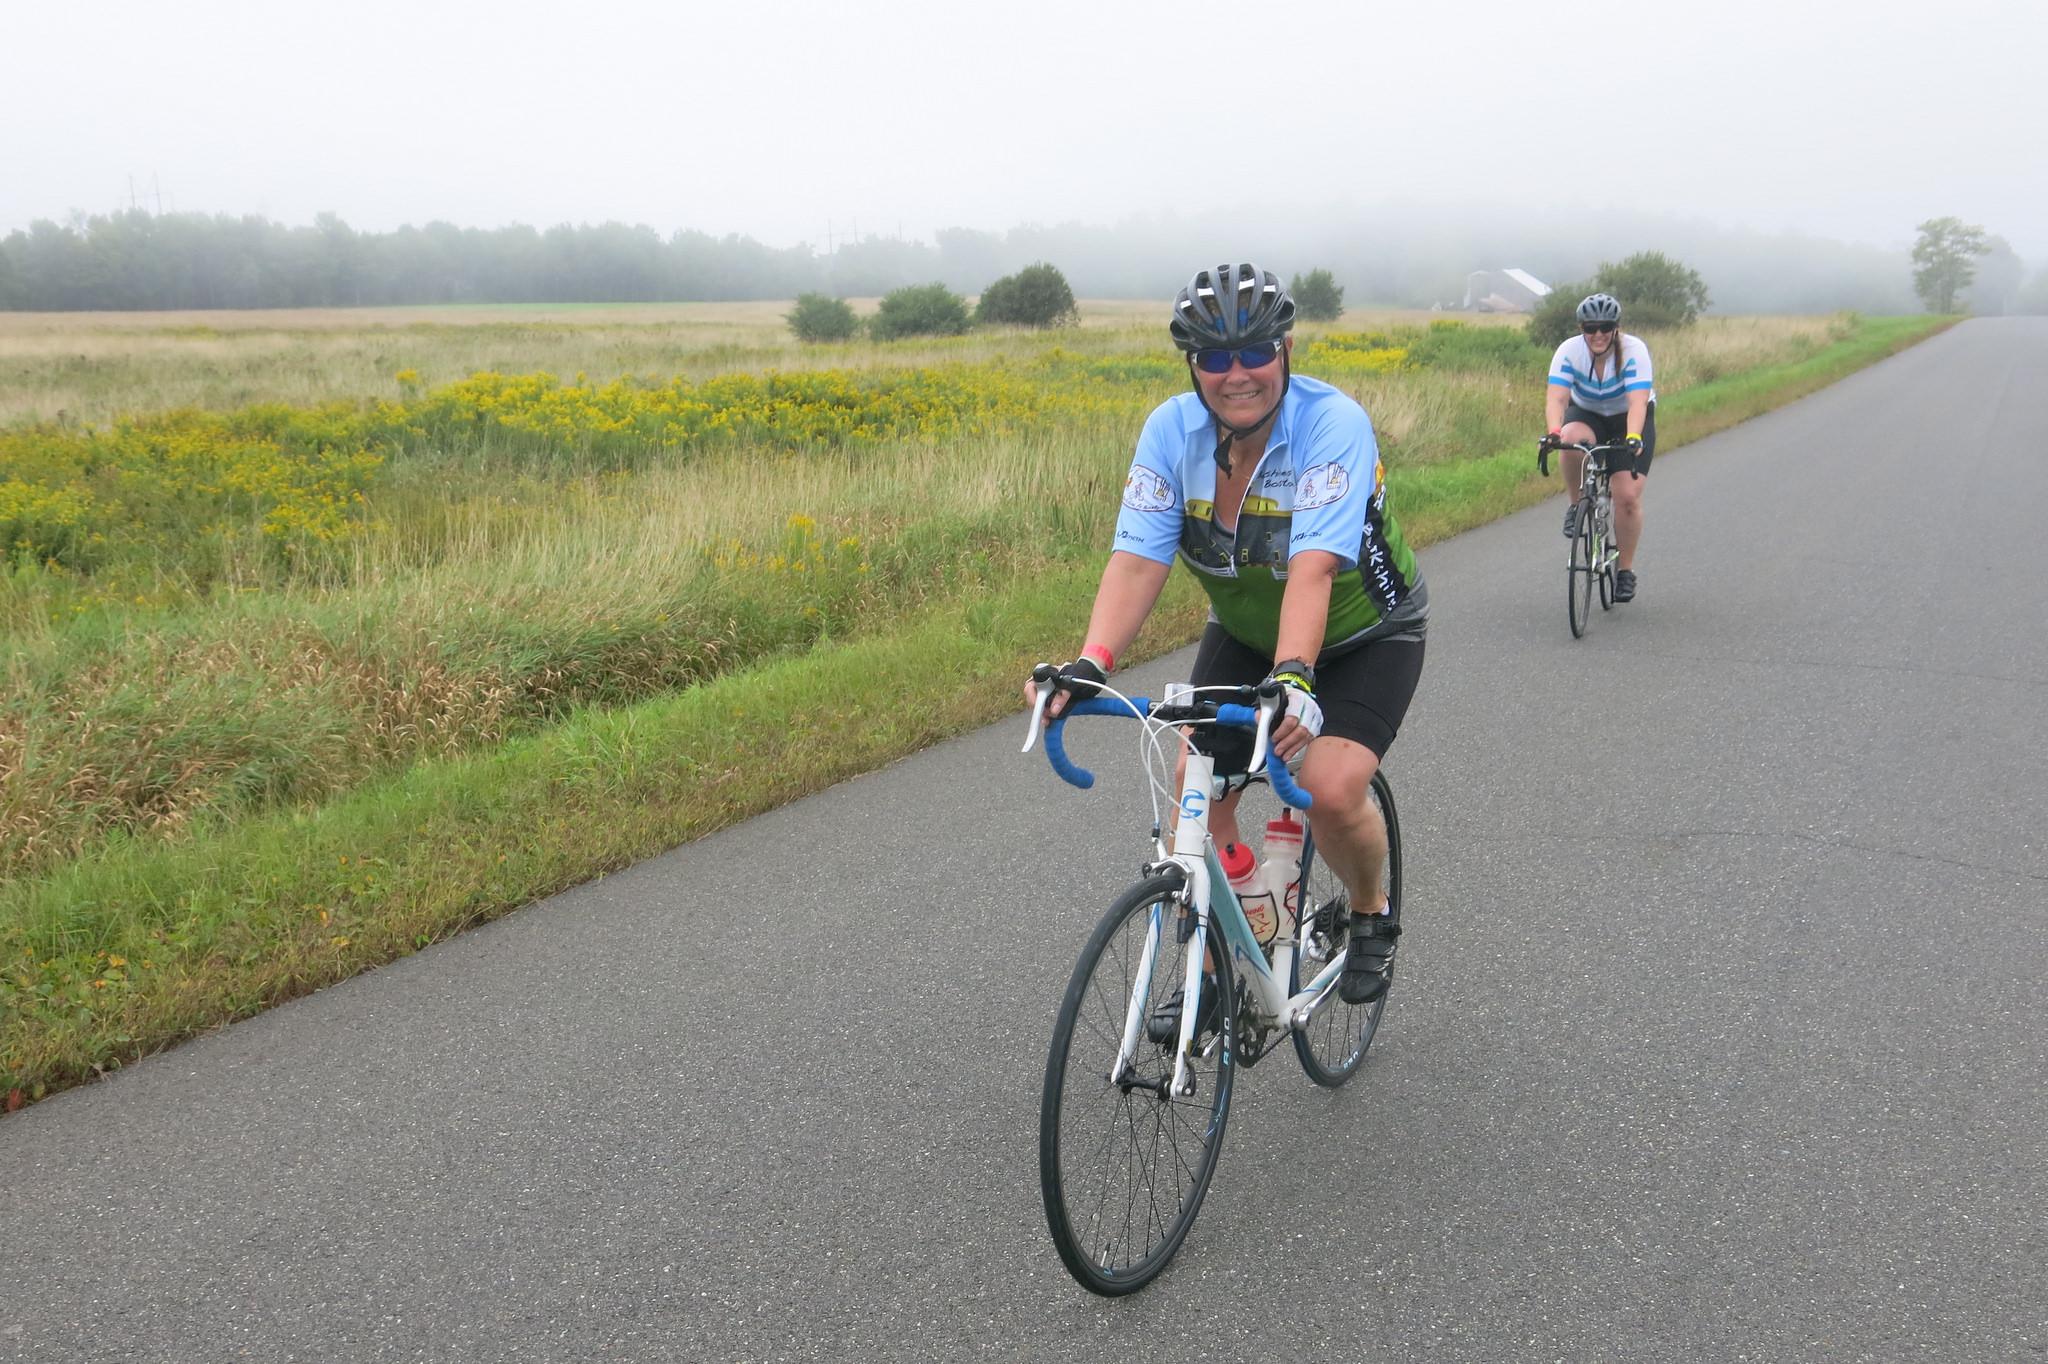 Misty Montague Riding